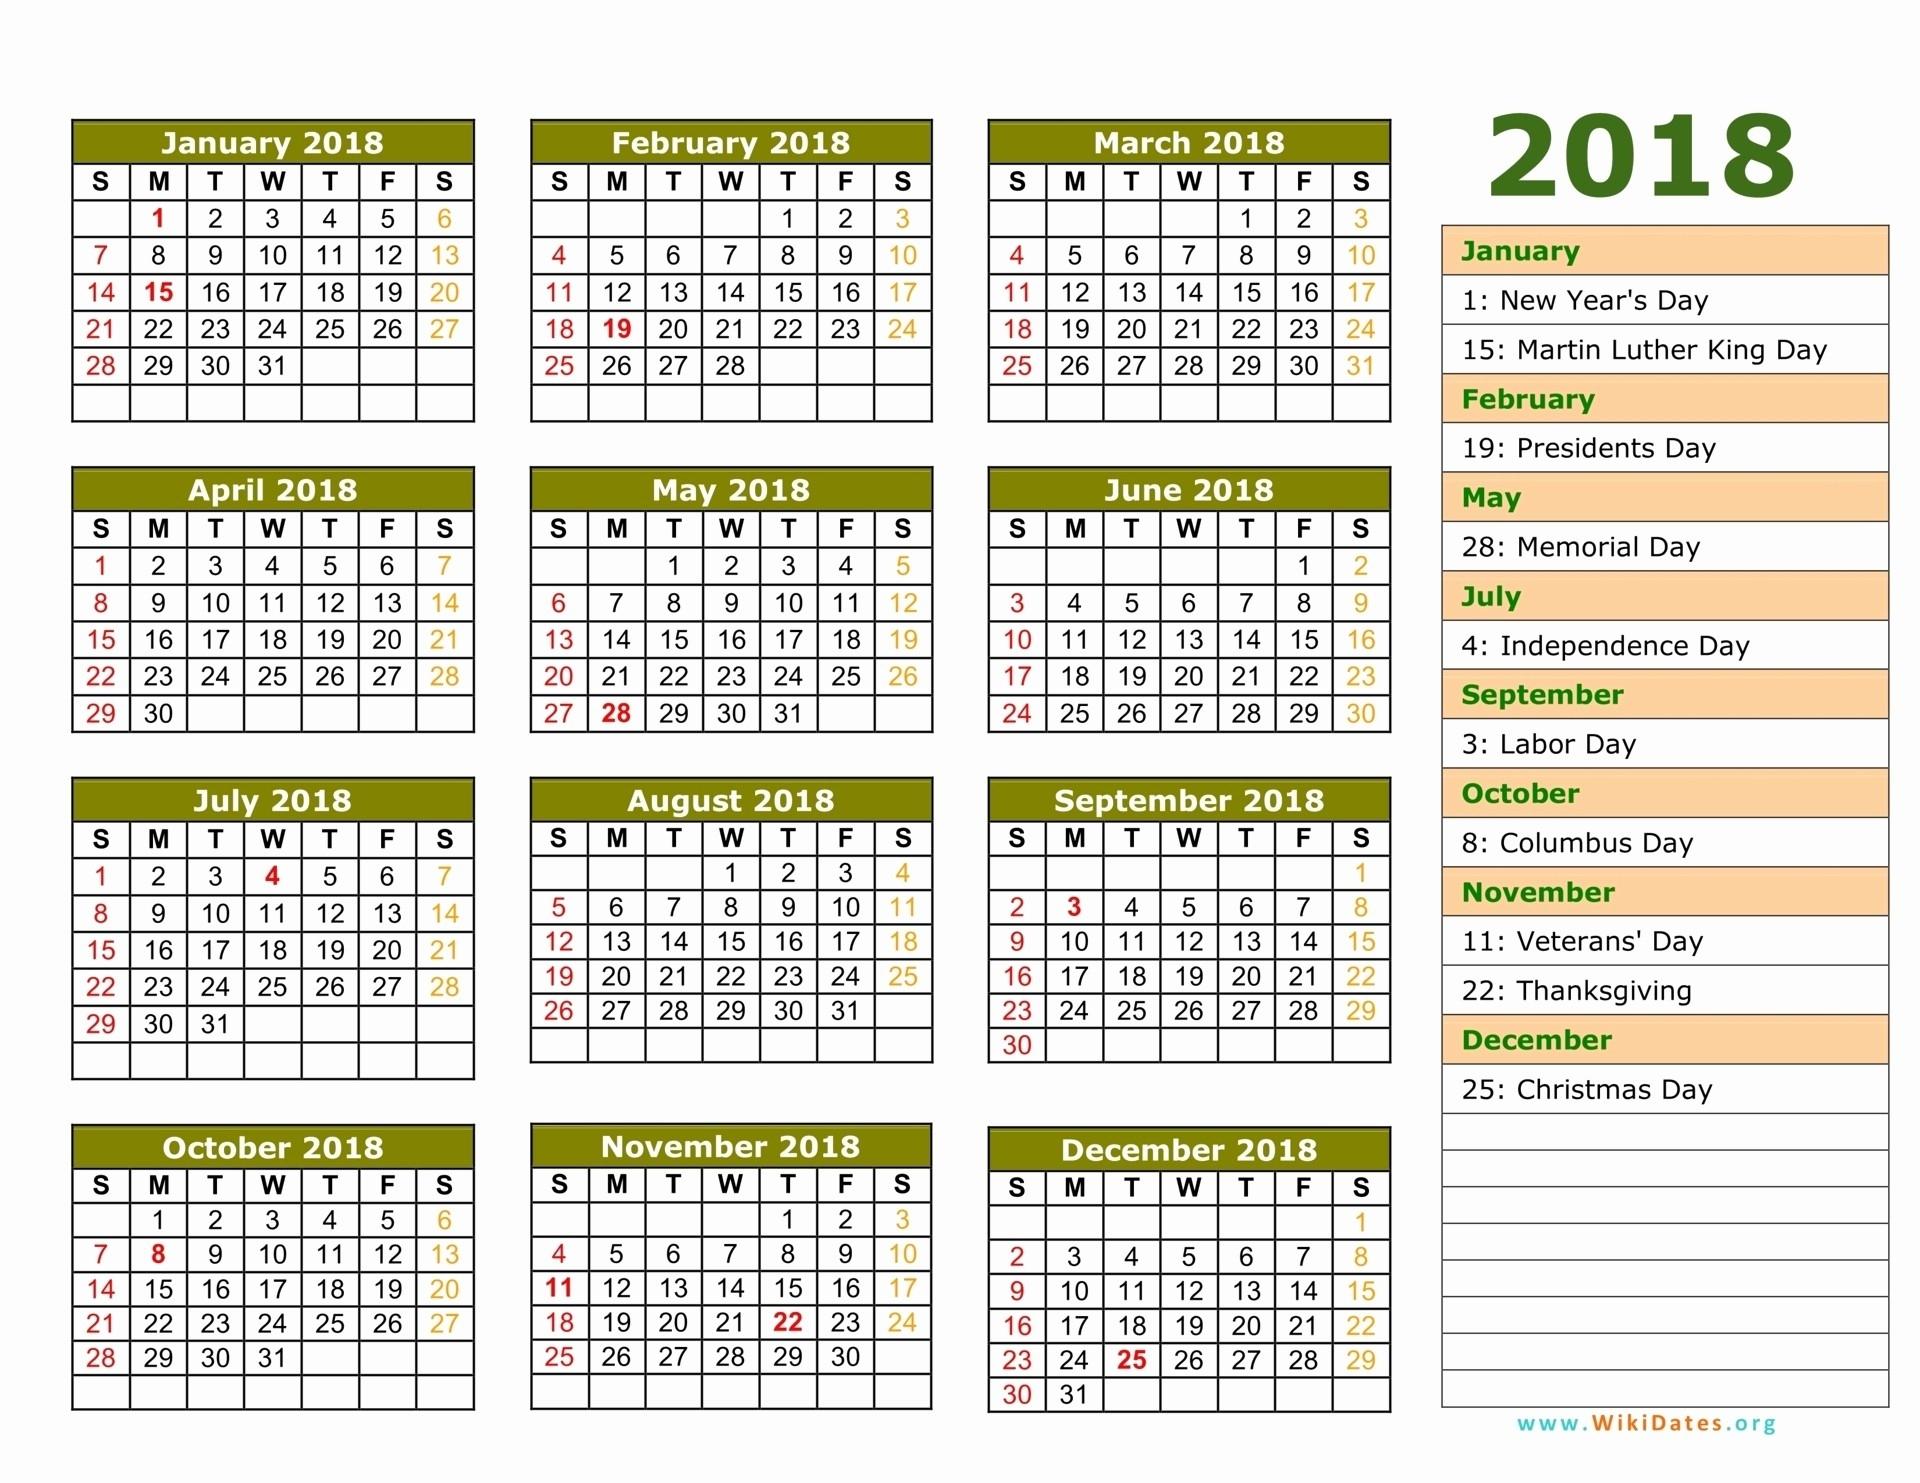 Ramadan 2018 Calendar Usa Ramadan 2018 Calendar Usa Ramadan 2018 within Ramadan Calendar Of Saudi Areabia